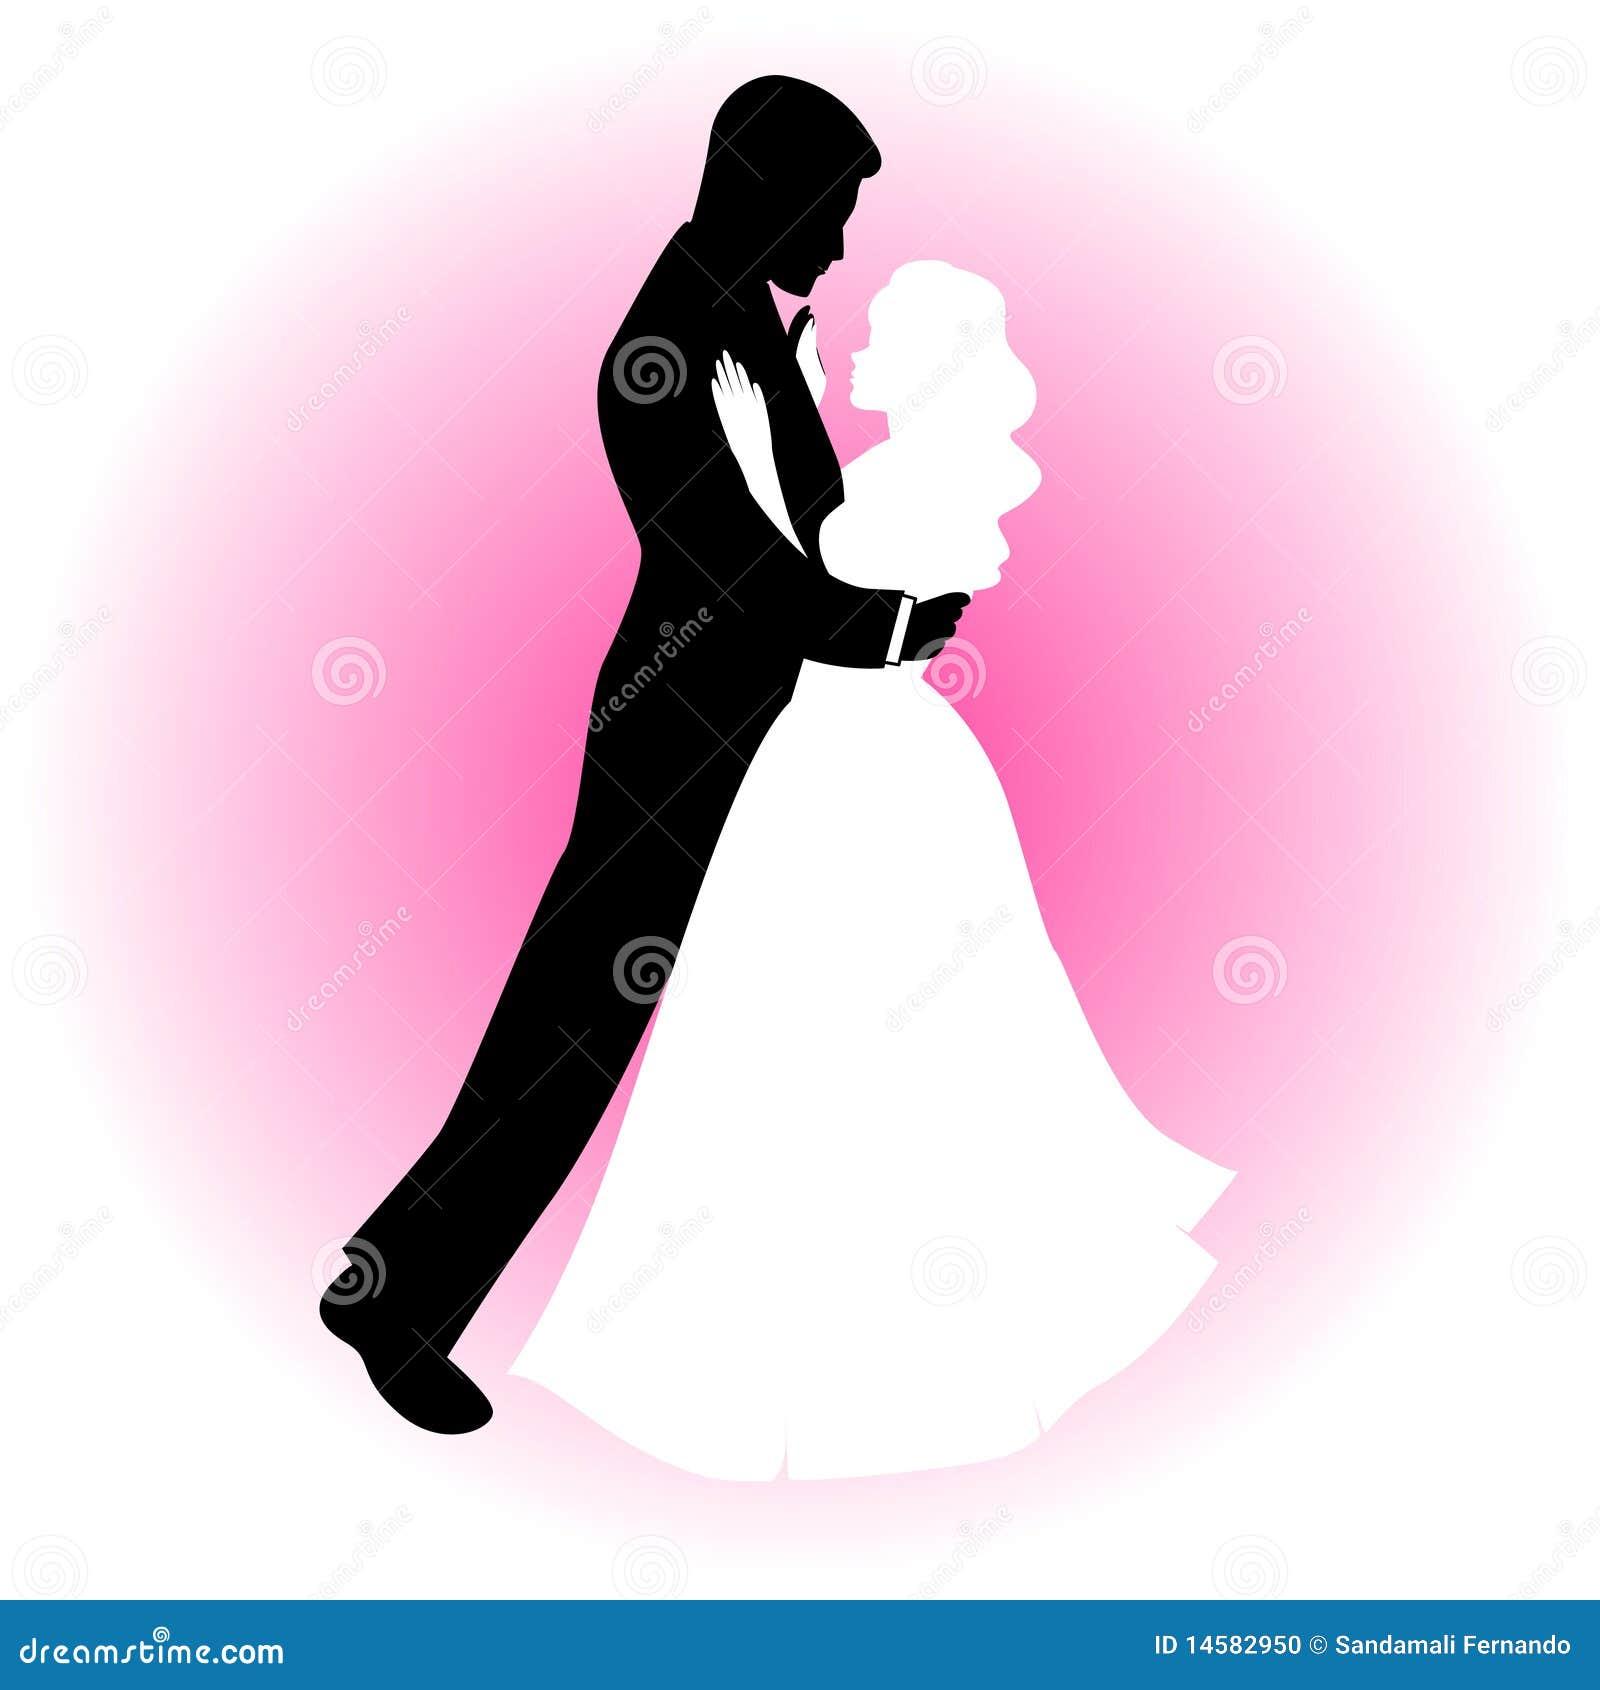 Couple Dancing Stock Photo Image 14582950